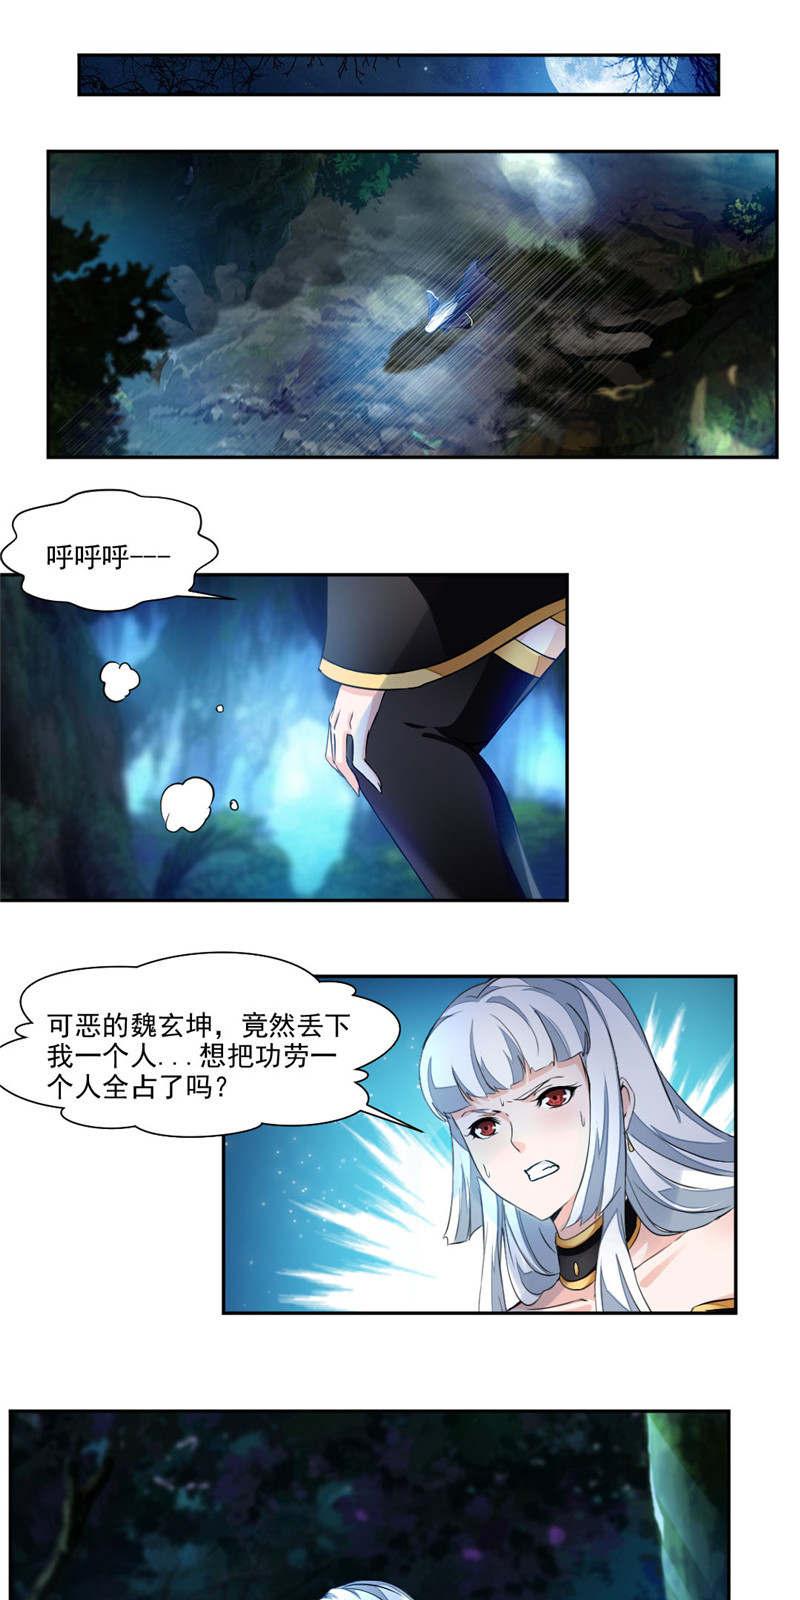 九阳神王第19话  偏巧遇到她?! 第 8